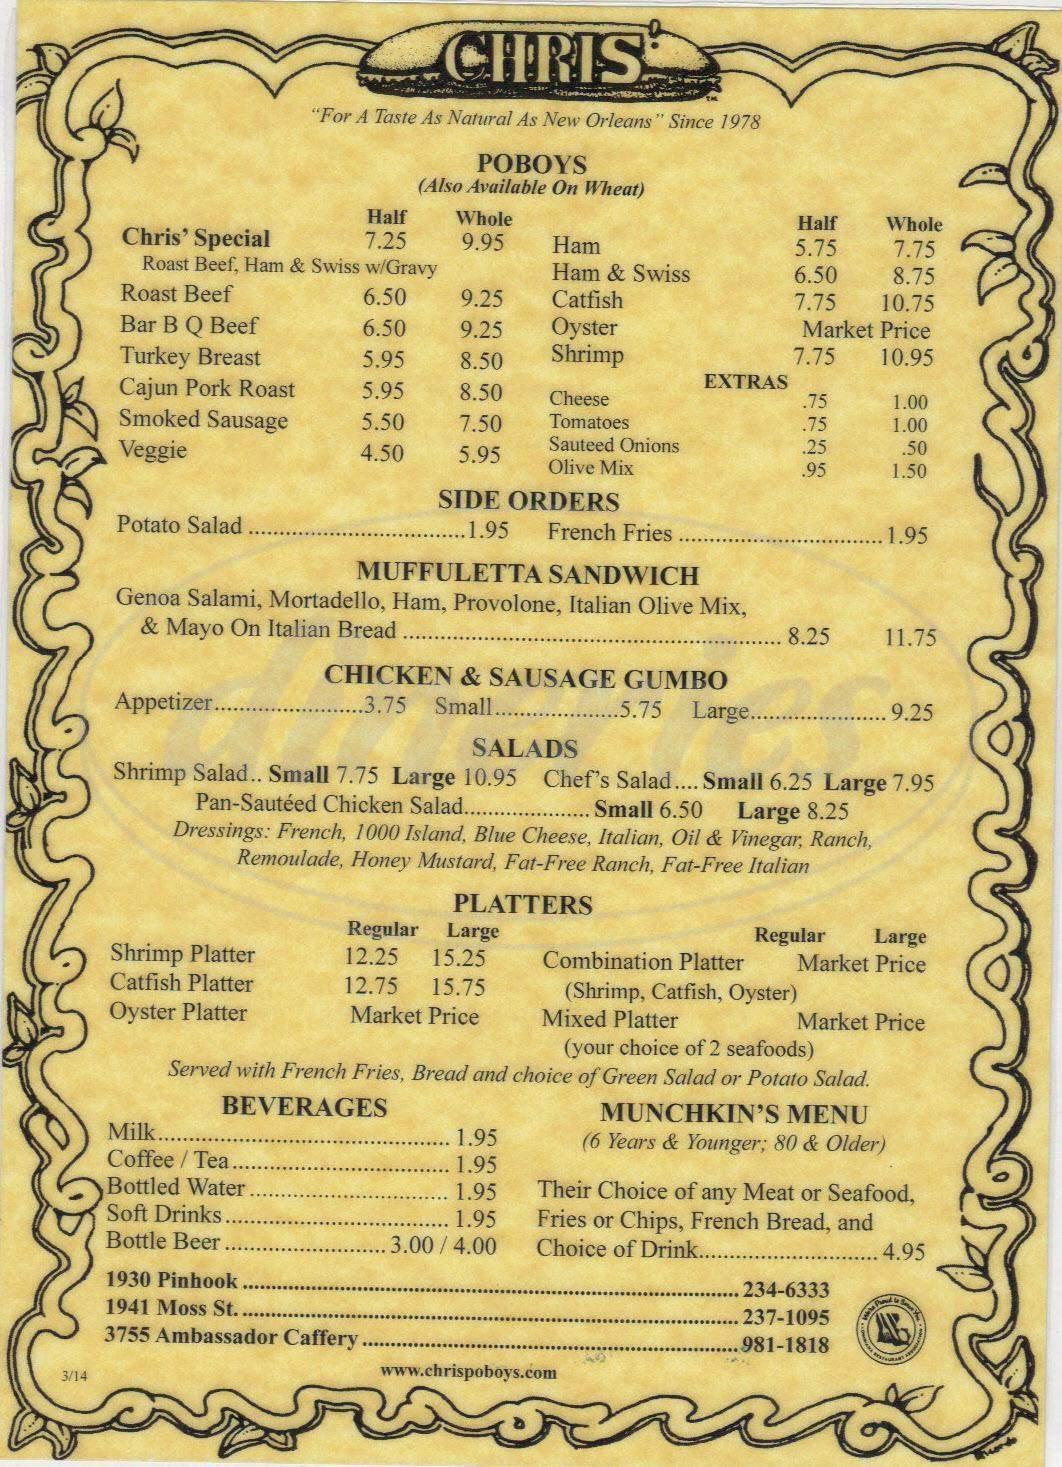 menu for Chris' Poboys